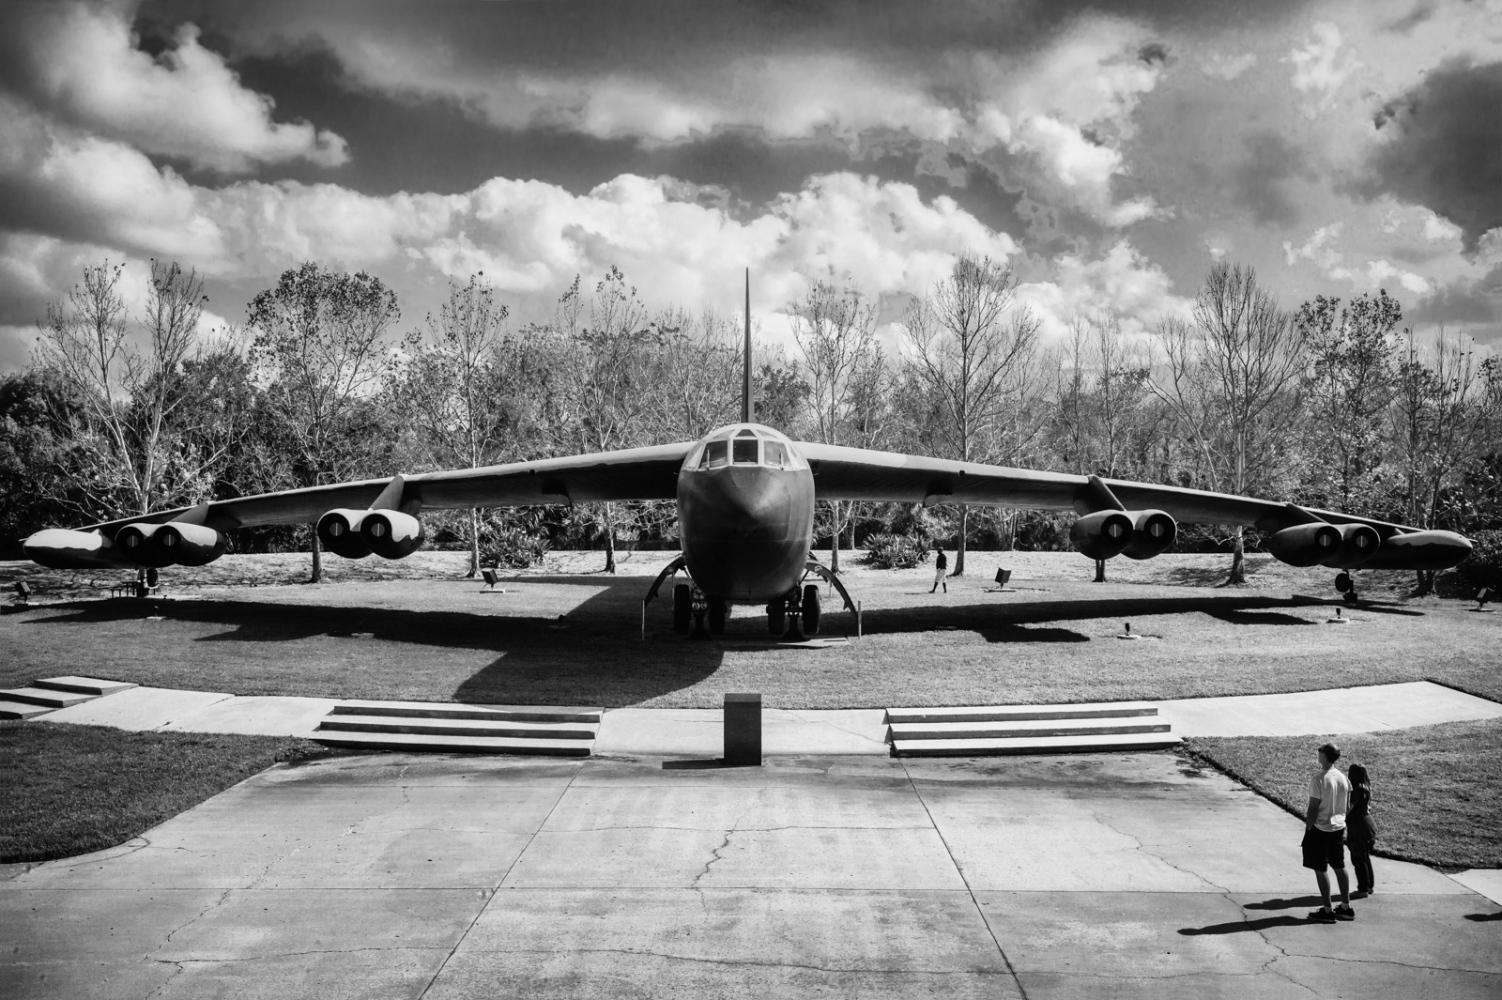 B-52 Memorial Park Boeing B-52 Statofortress Strategic bomber